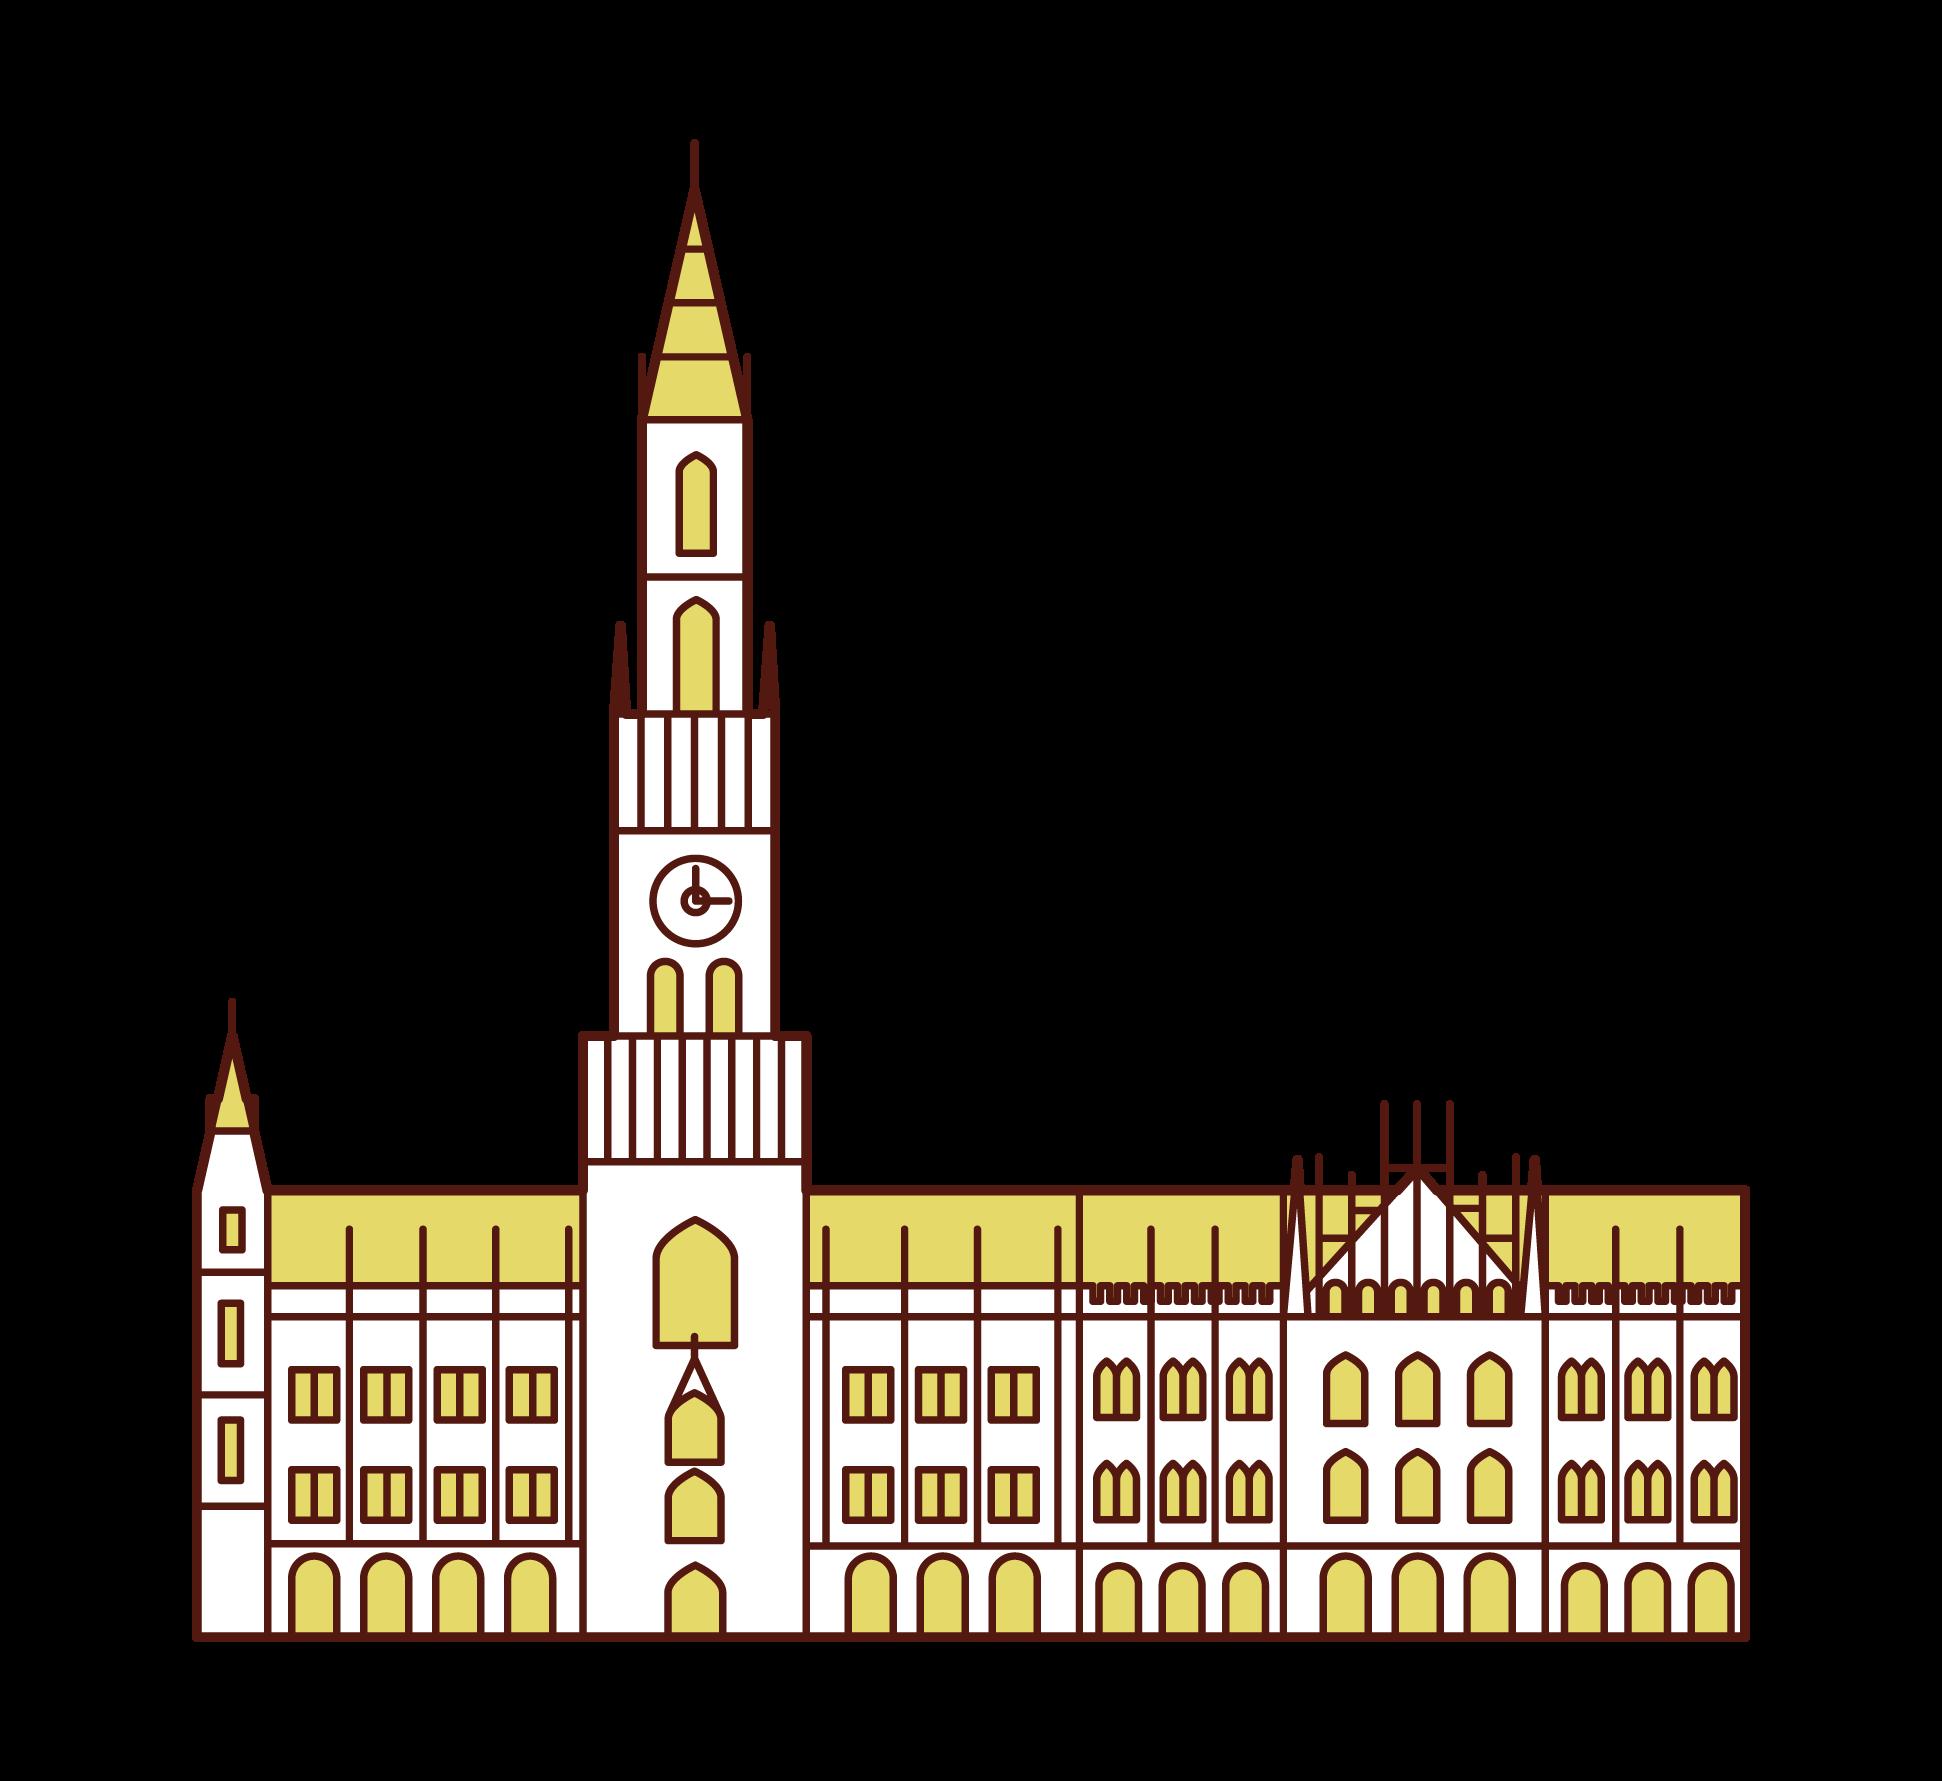 뮌헨 의 새로운 타운 홀의 그림